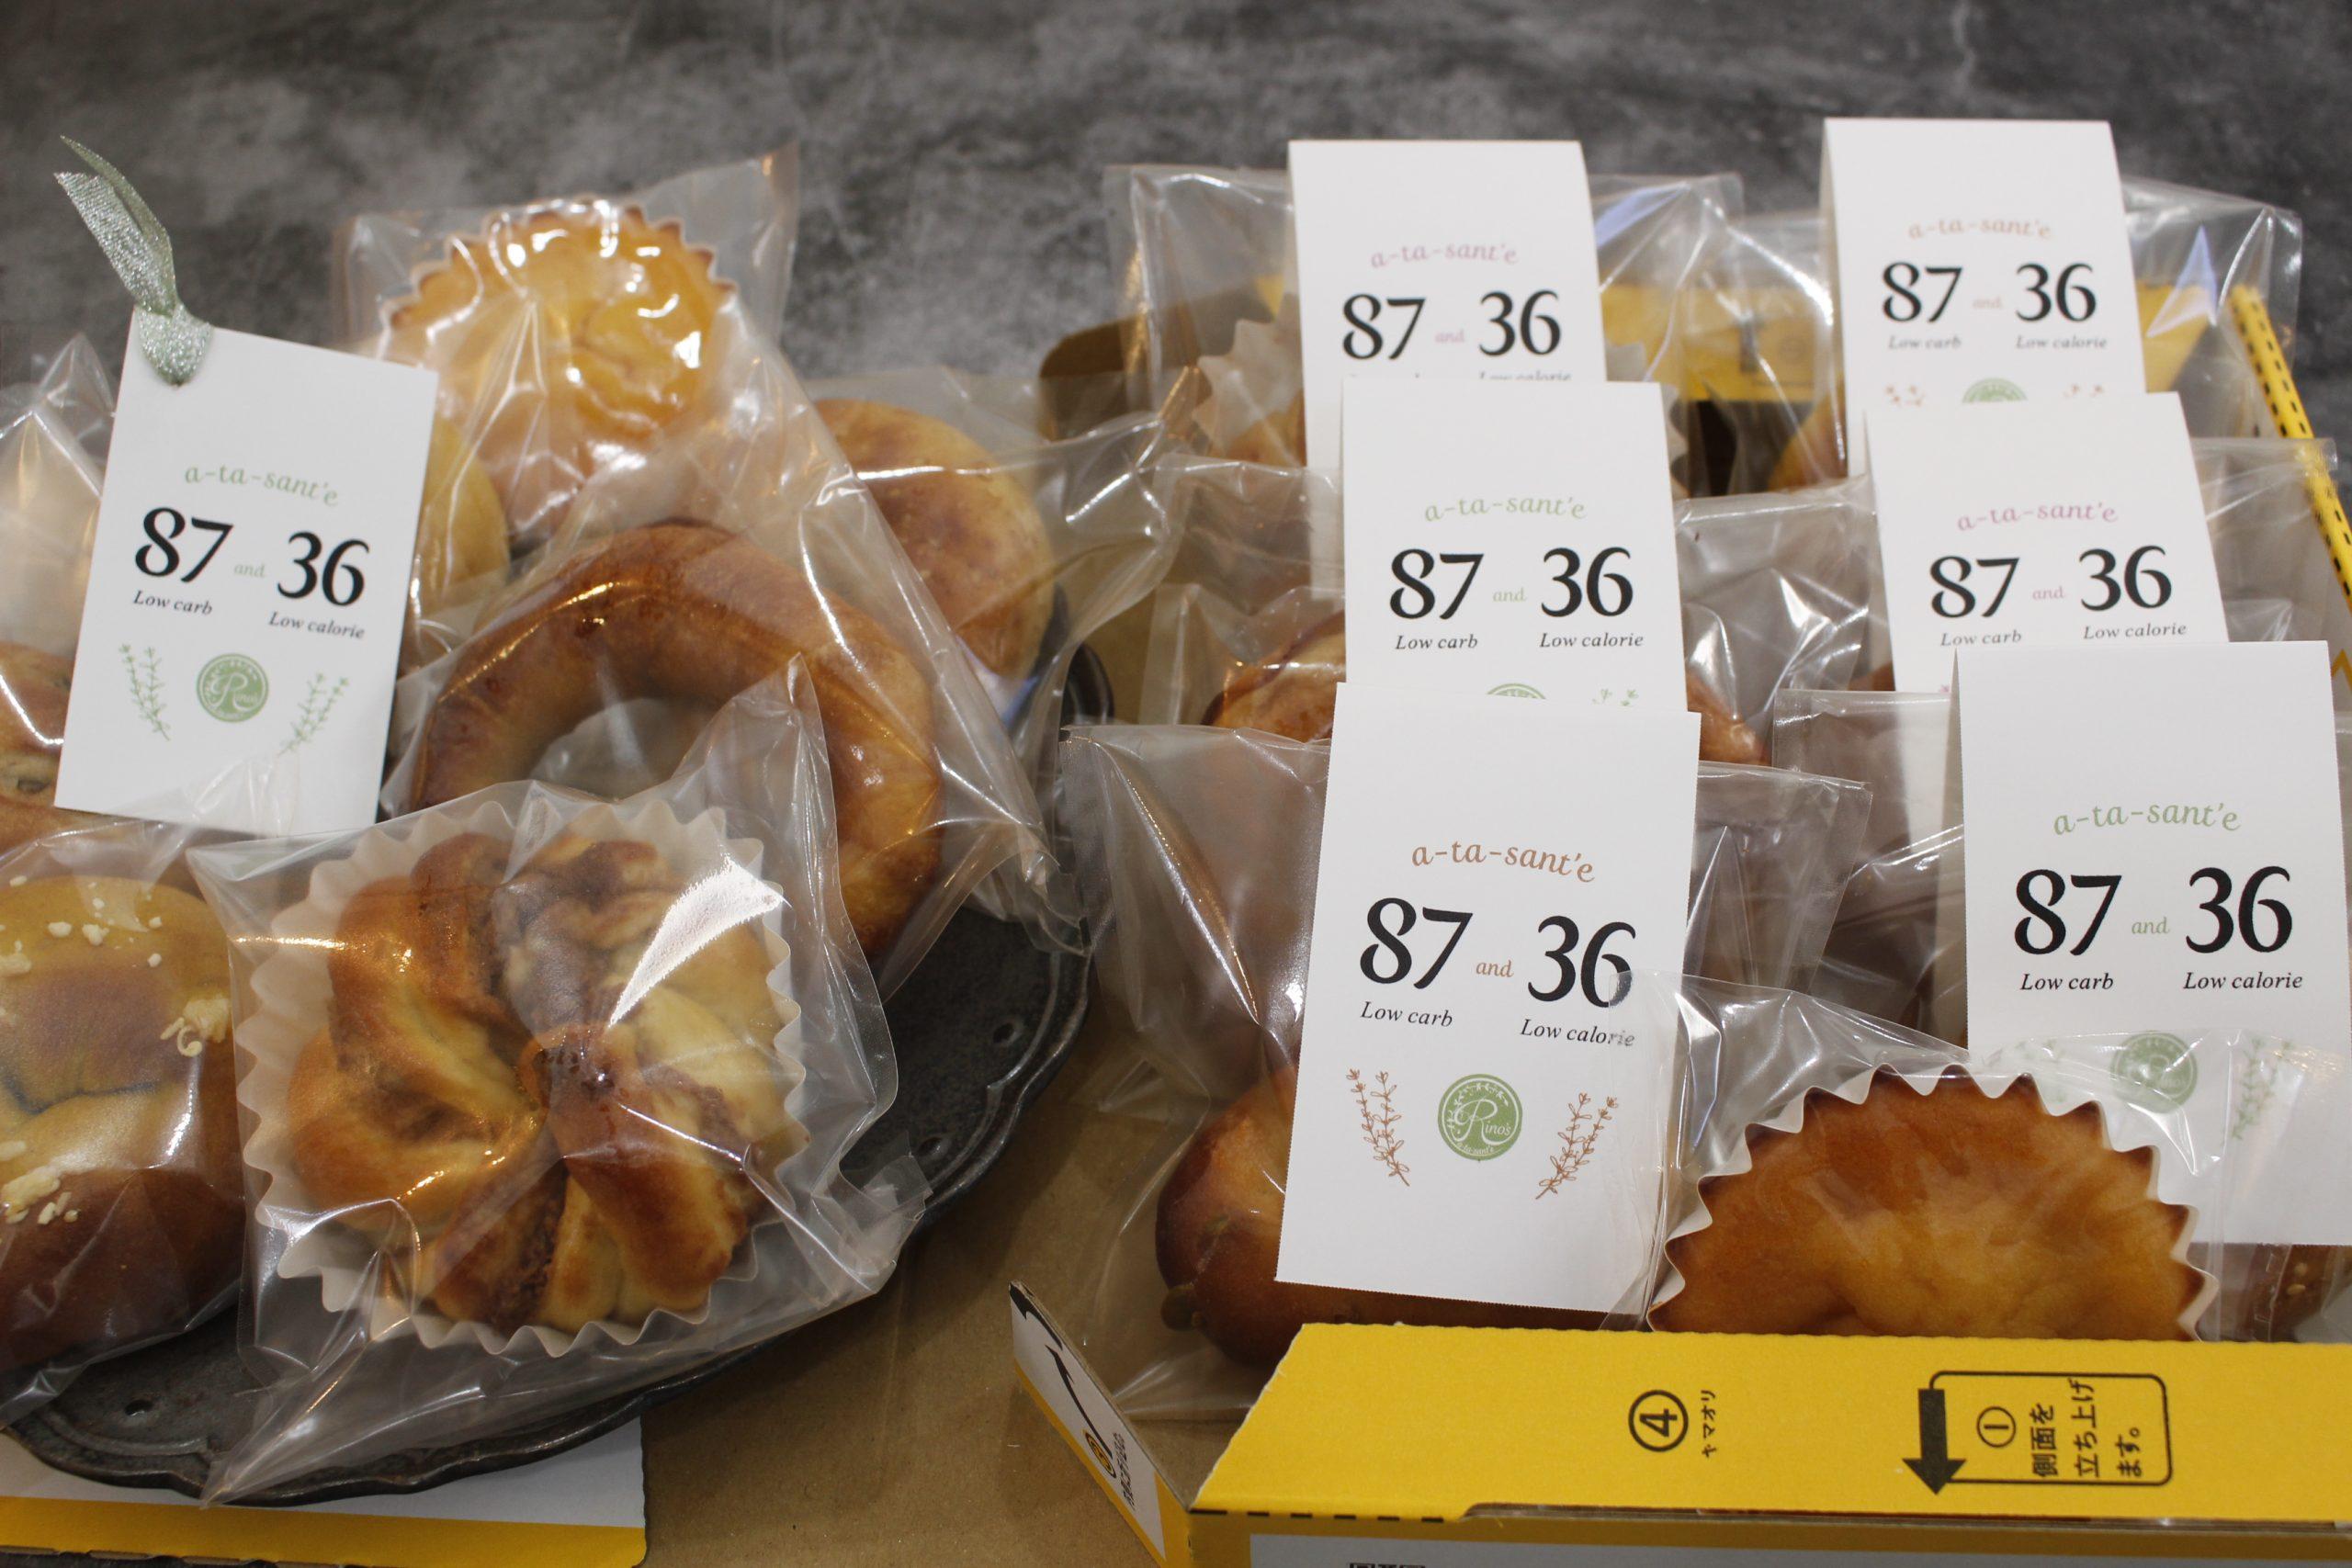 京都江部粉糖質オフパン。お届け便。「糖質オフパンがここまで美味しくつくれる秘密!」低糖食コーディネーター。利野郁枝。a-ta-sante糖質制限パン料理教室。阿倍野区。桃ヶ池町。